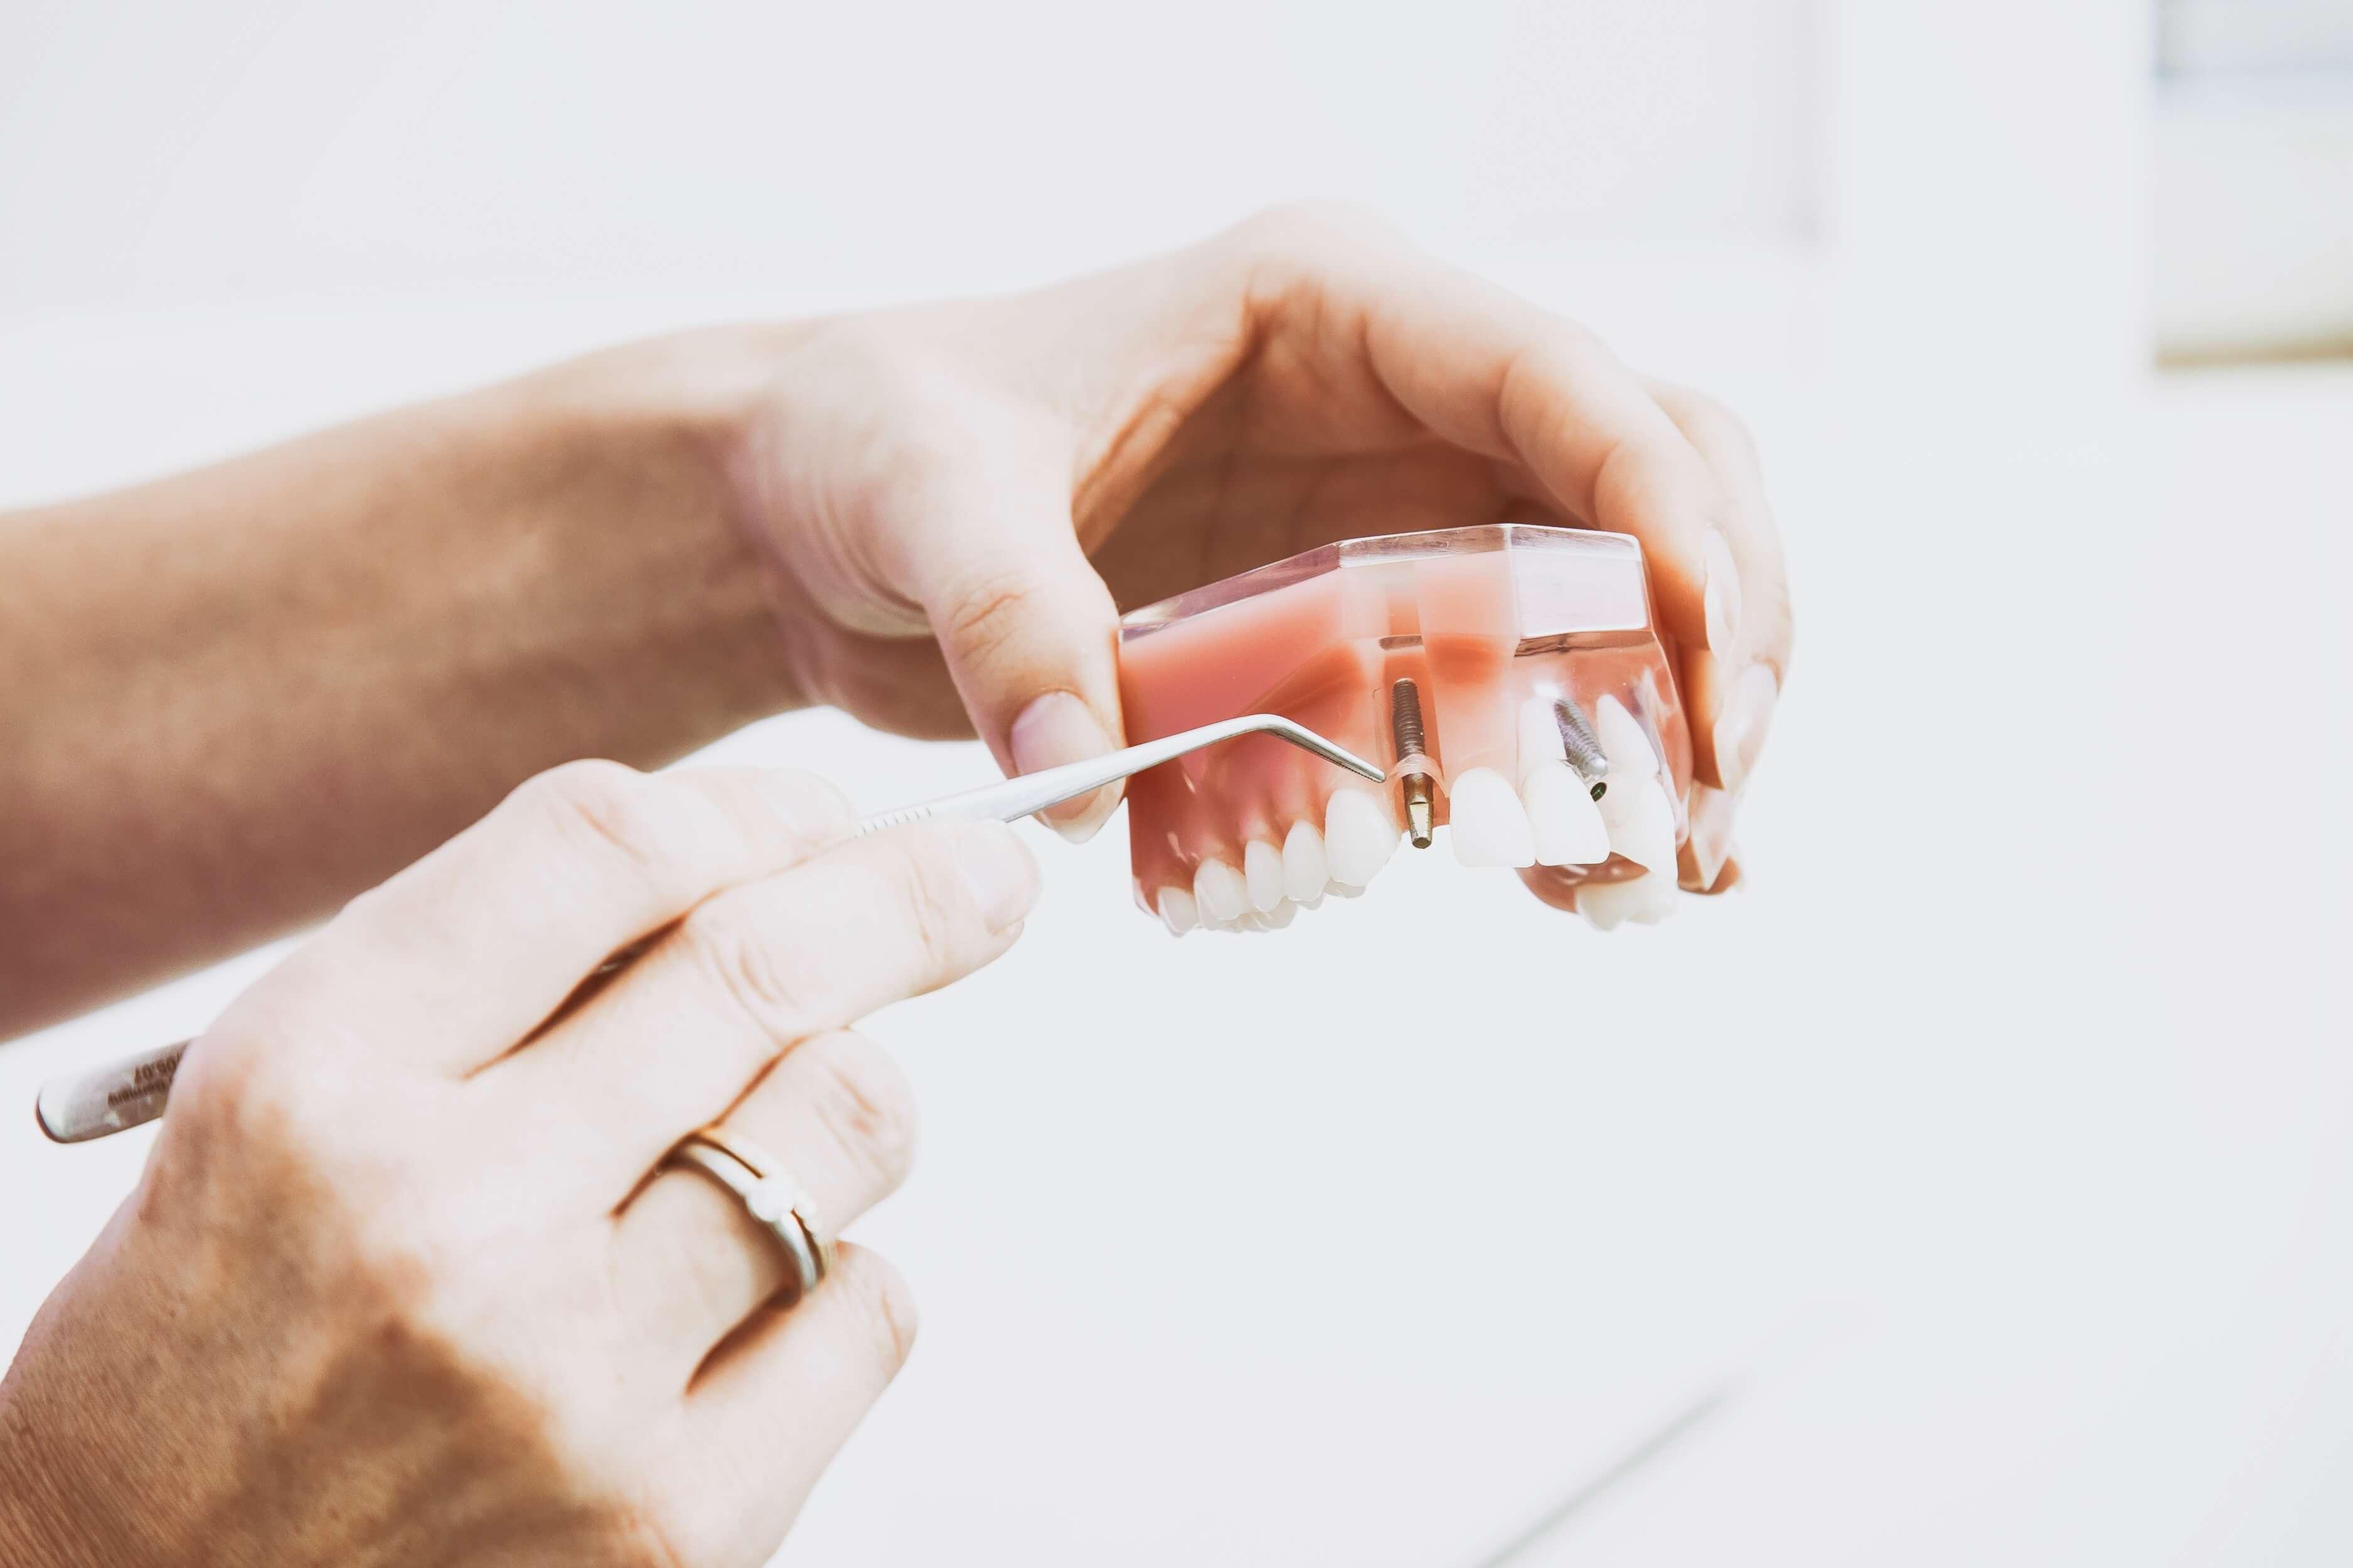 Instrucciones básicas para una buena limpieza dental